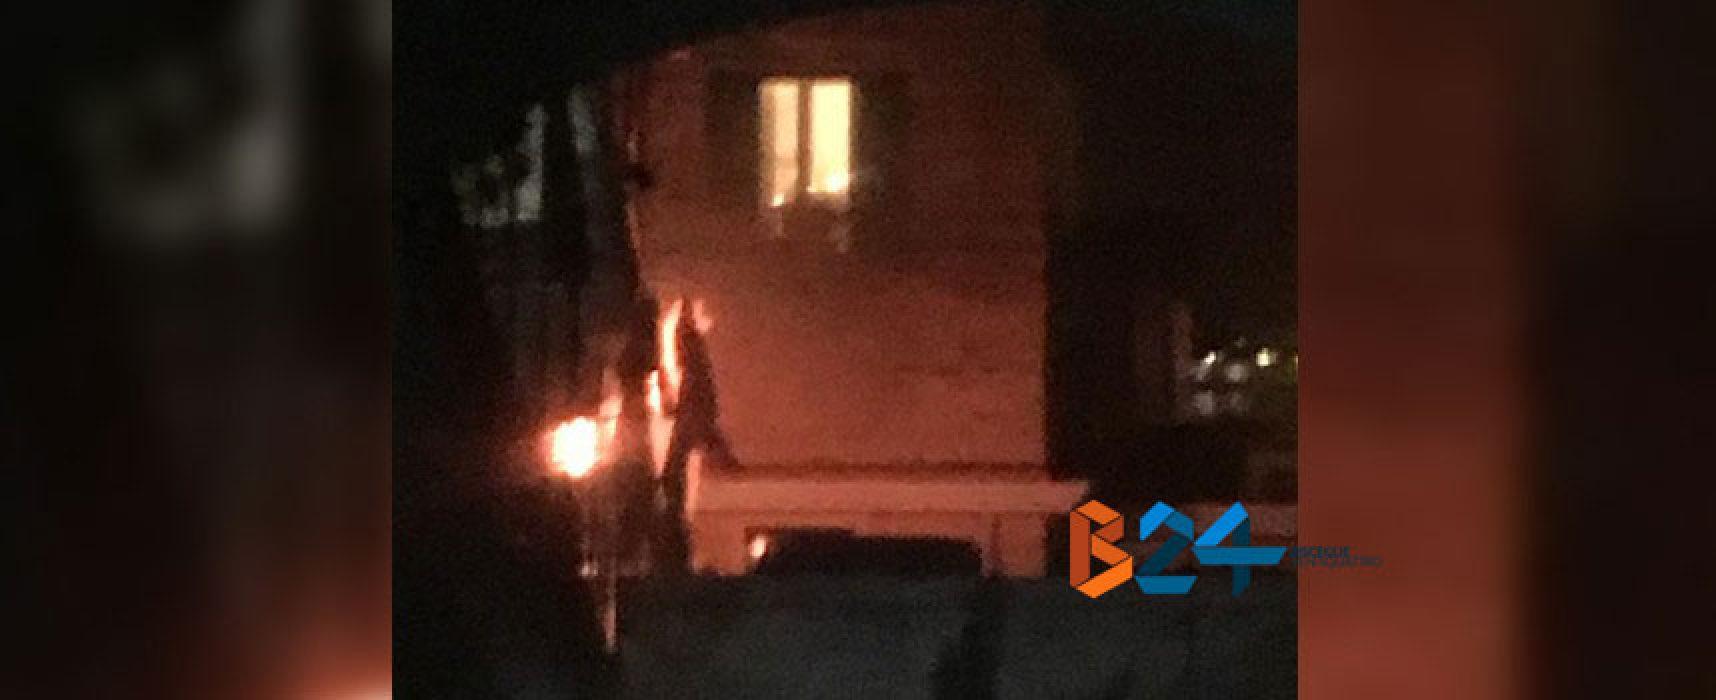 Incendio all'esterno di un appartamento in via Monte San Michele, nessun ferito